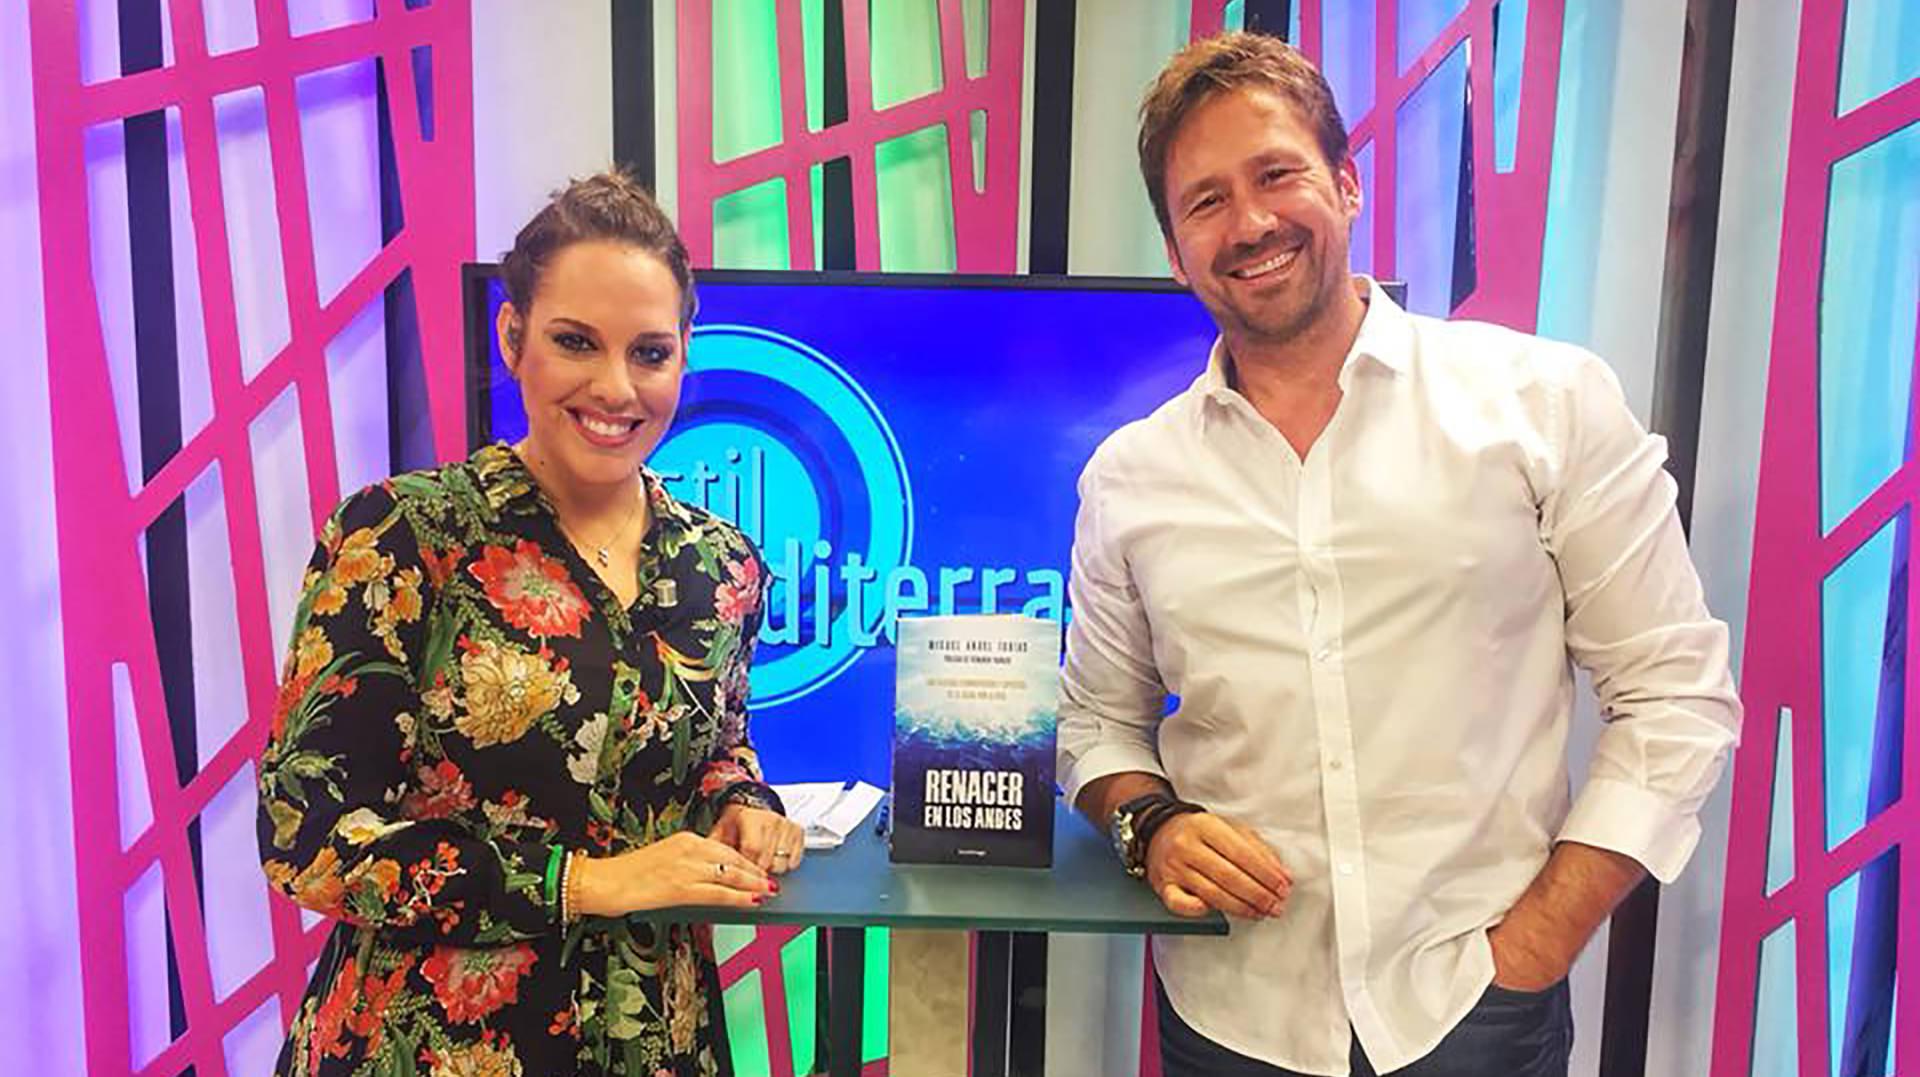 entrevista miguel angel tobias libro renacer andes tv mediterraneo